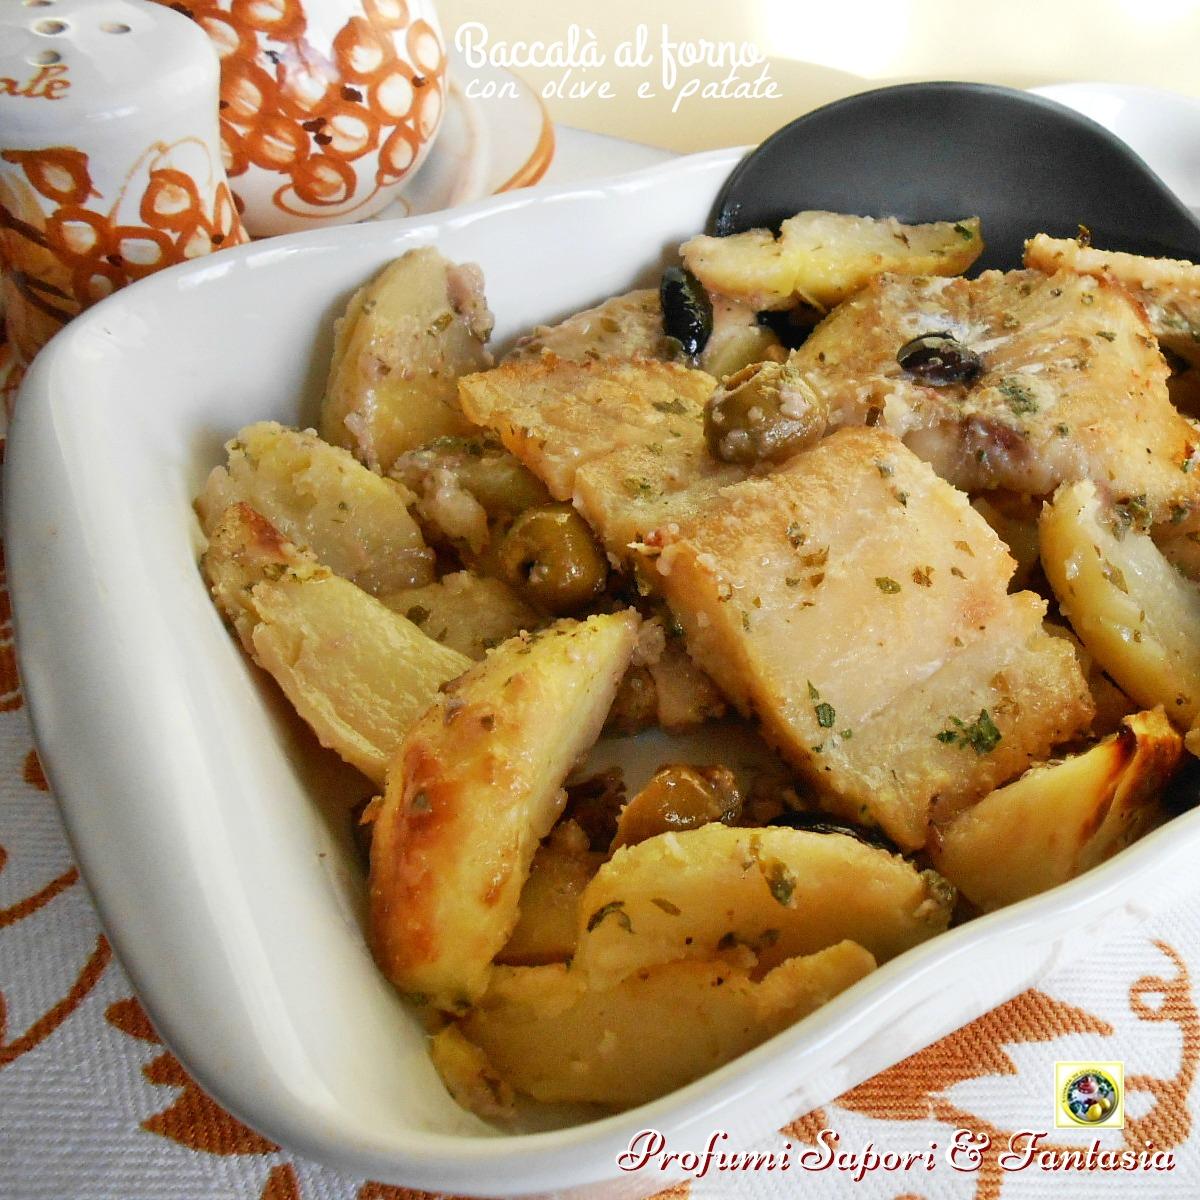 Baccala al forno con olive e patate